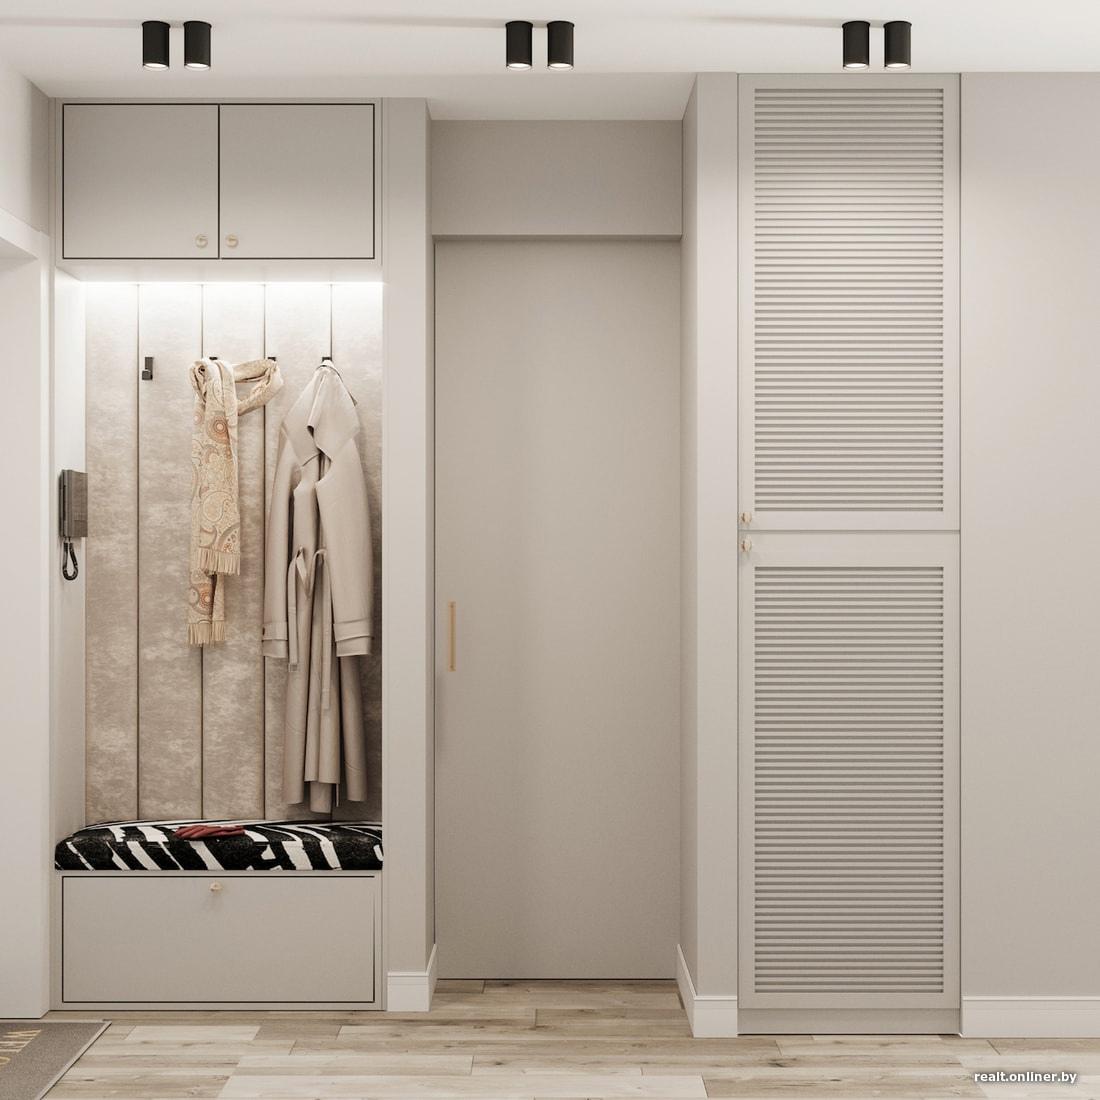 Концепт маленькой студии 12,5-12,9 м с откидной кроватью-диваном и скрытой кухней.